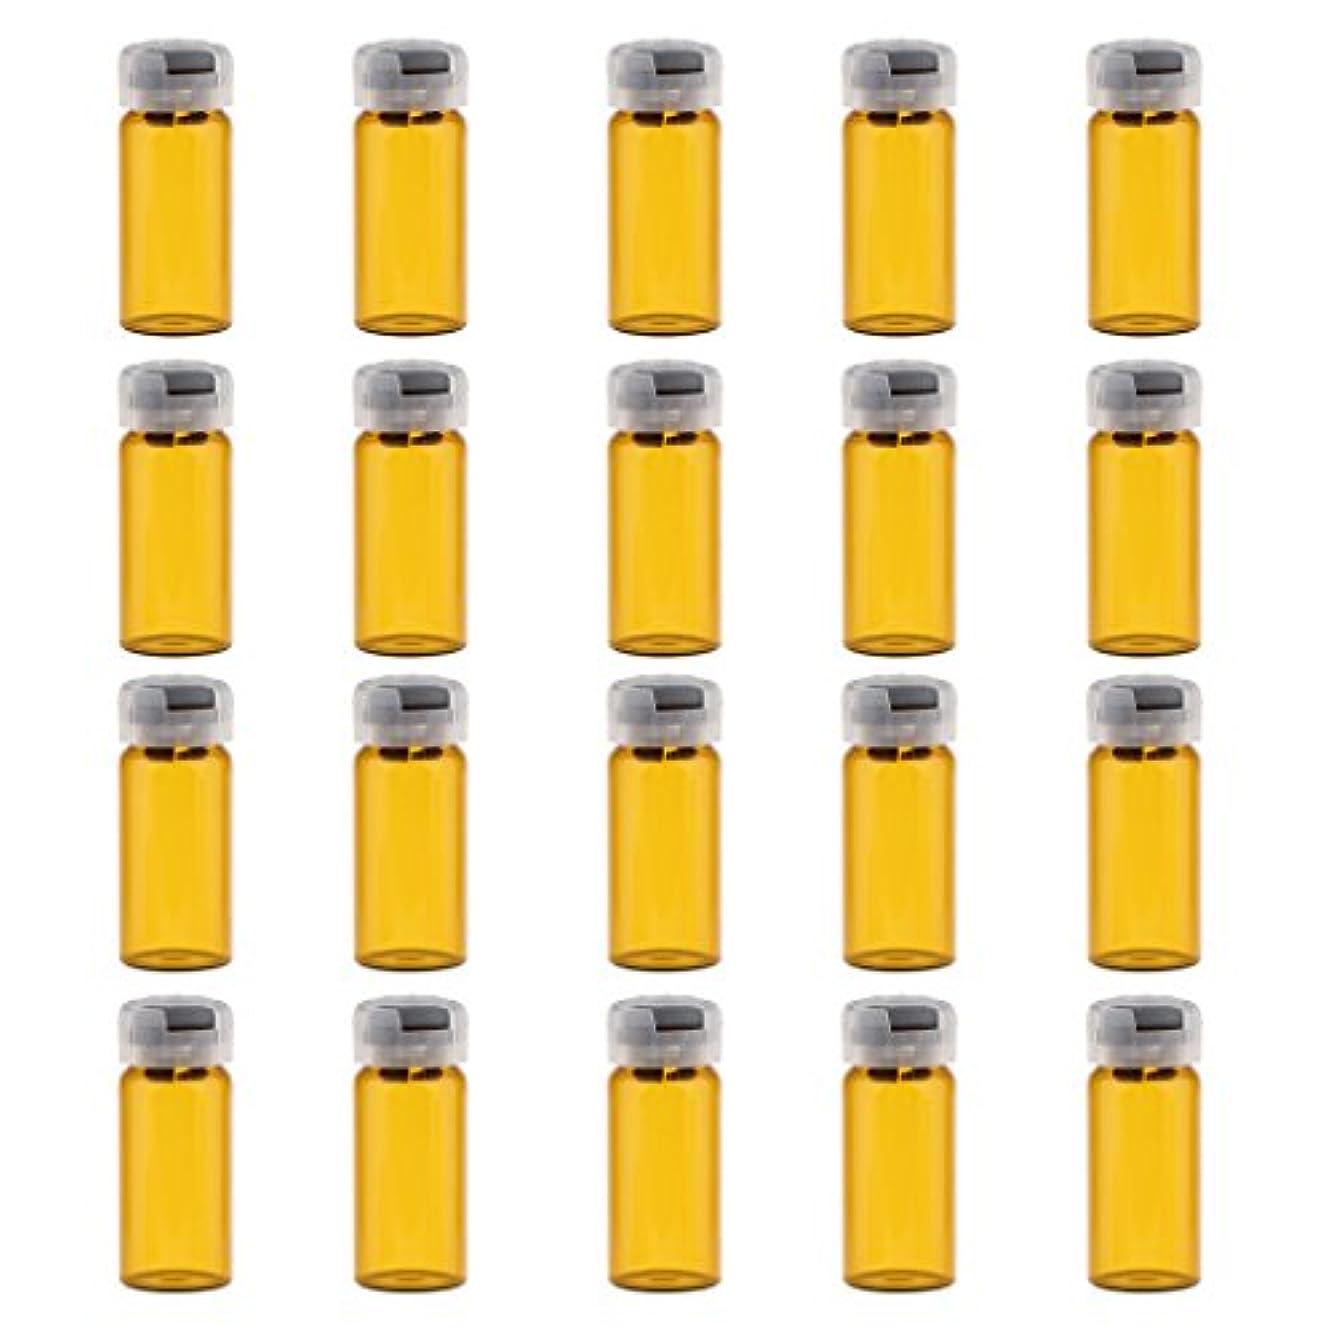 非行取り囲む配当CUTICATE 空ボトル ガラスボトル 密封 滅菌 バイアル 便利 美容院 自宅用 約20個 3サイズ - 10ml